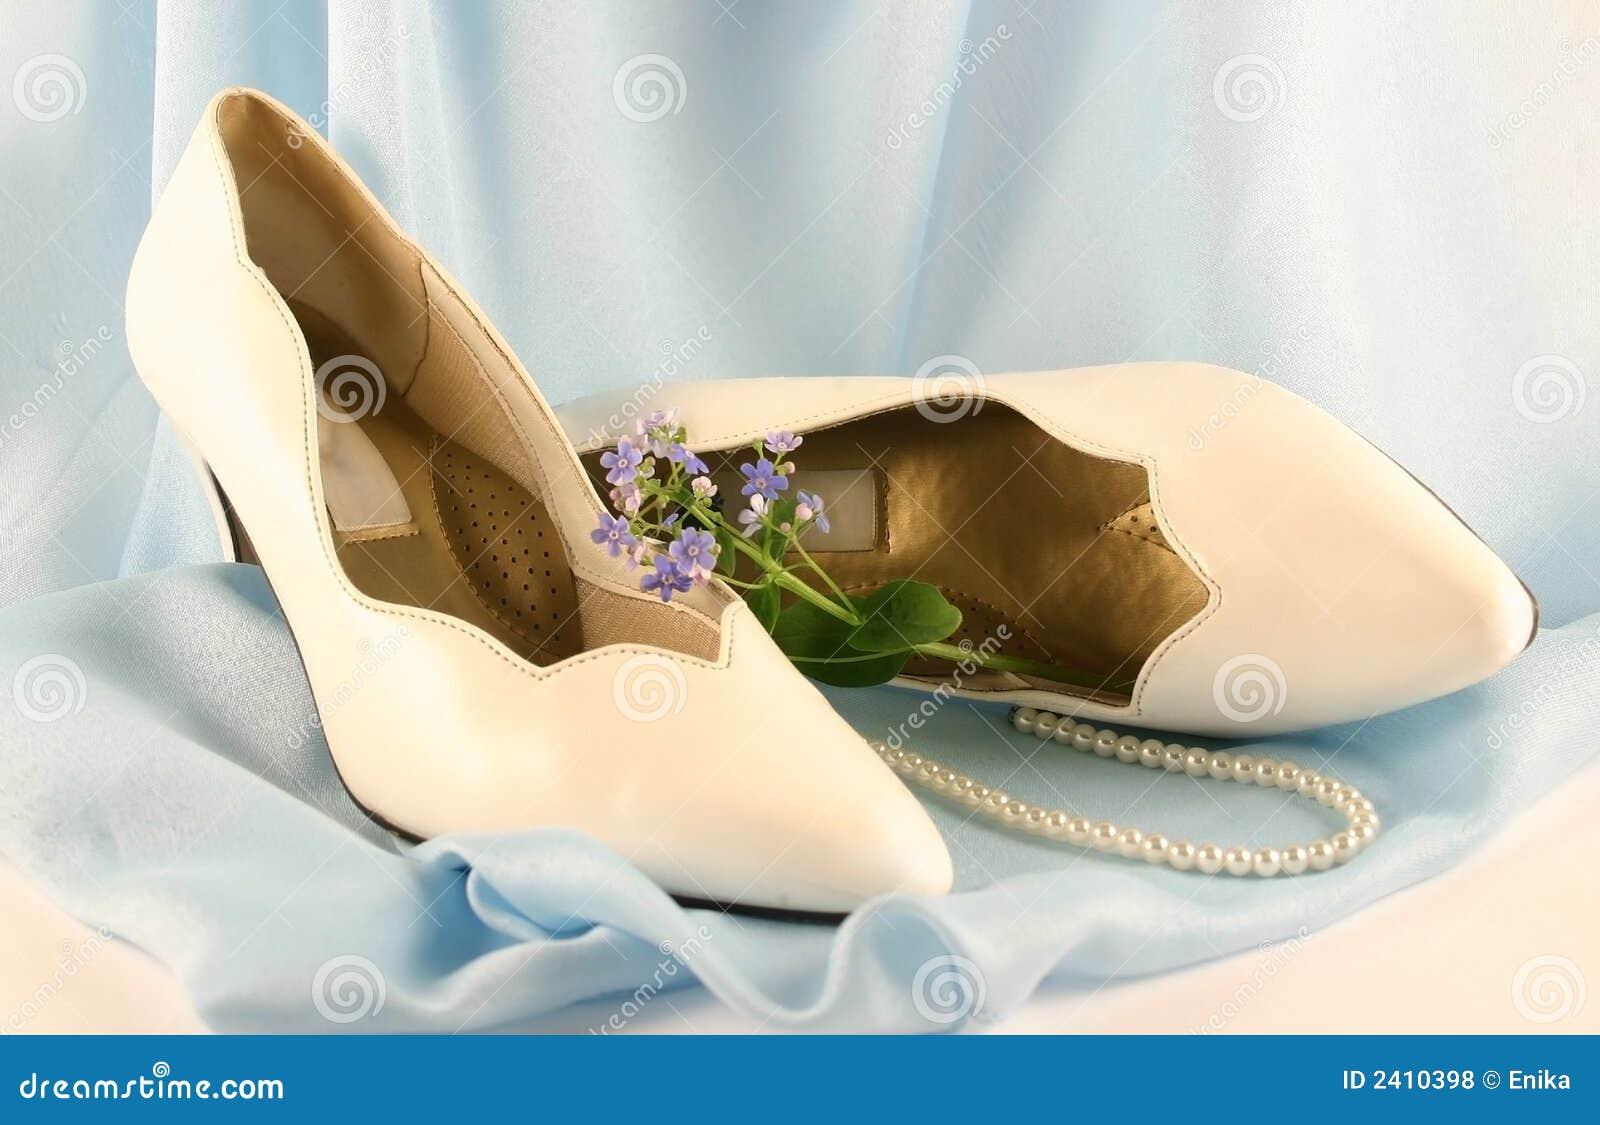 a9e3f4312c1ef6 Weiße Schuhe legen auf ein blaues Drapierung mit Korne und eine Blume